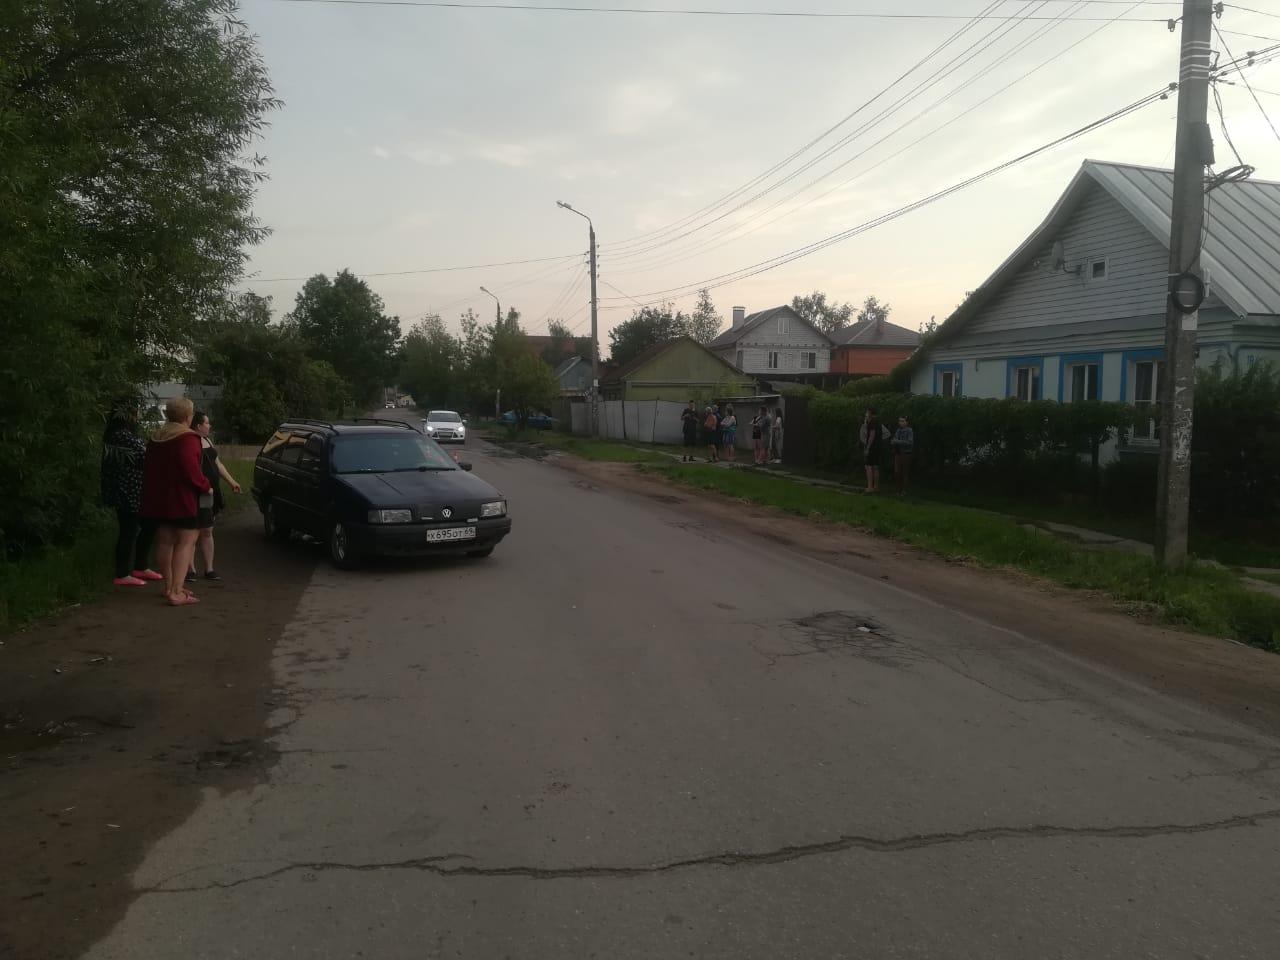 В Твери пьяный водитель сбил 5-летнего мальчика - новости Афанасий